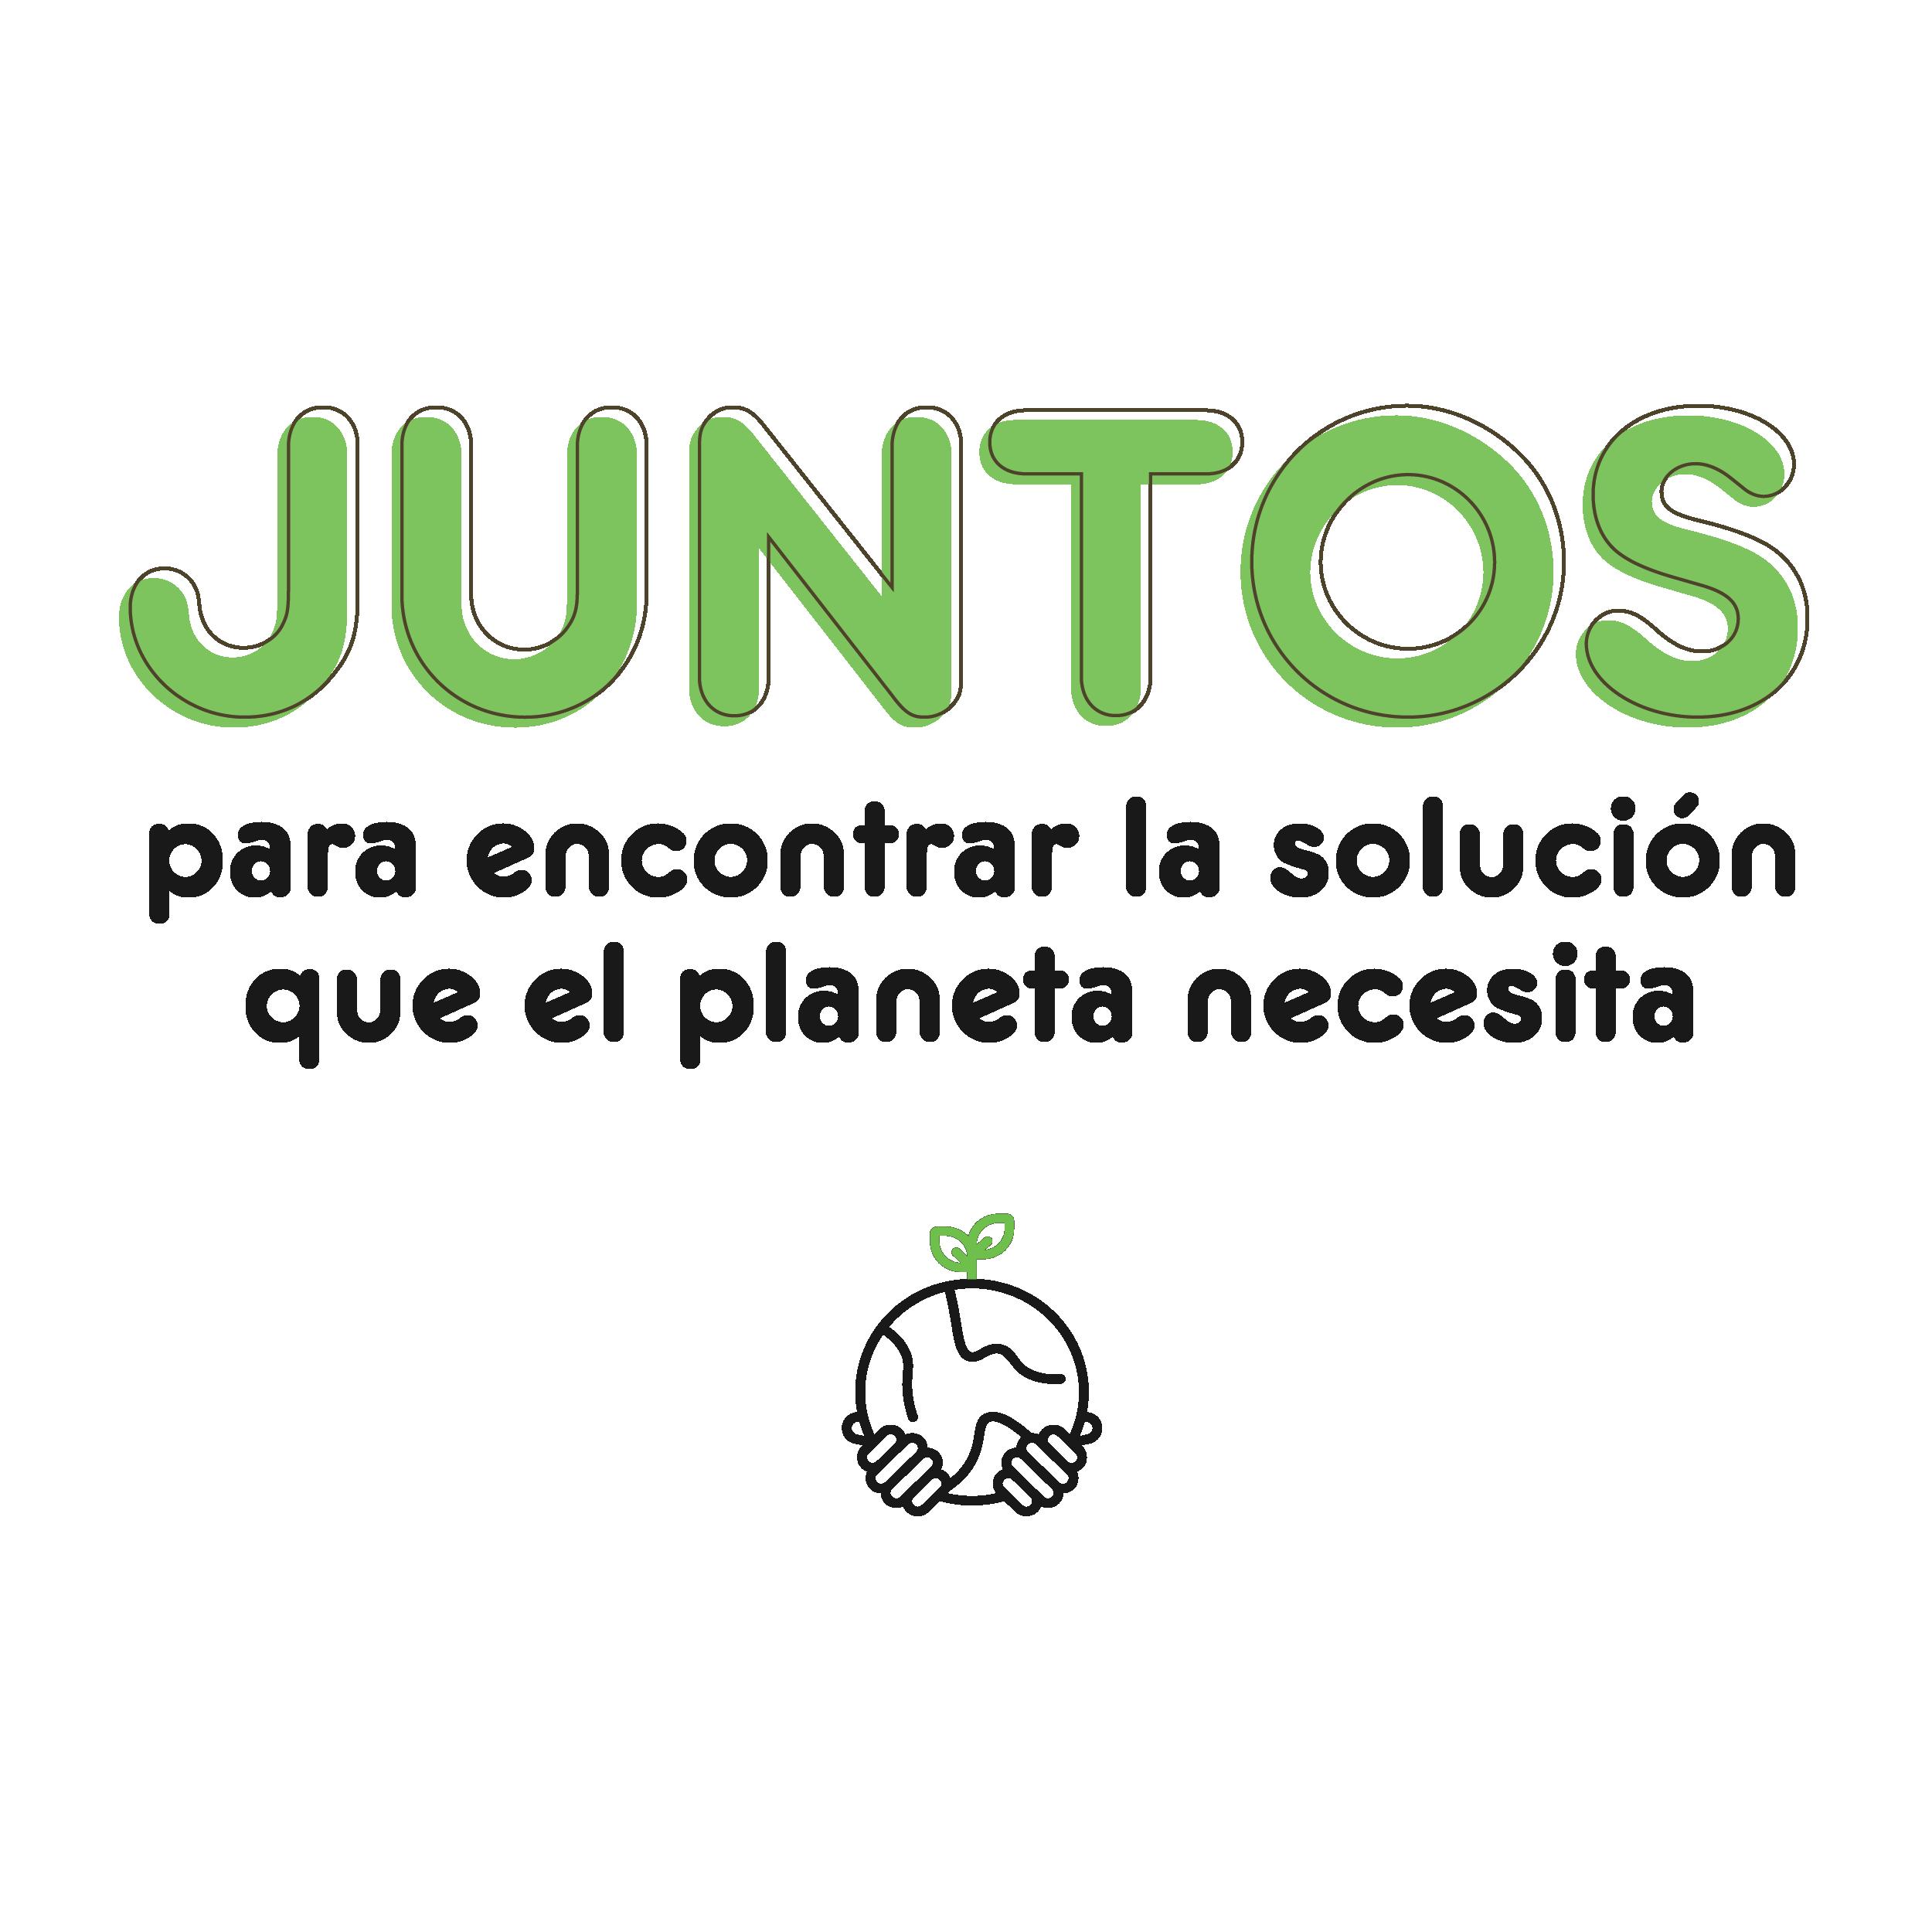 JUNTOS PARA ENCONTRAR LA SOLUCIÓN QUE EL PLANETA NECESITA-01